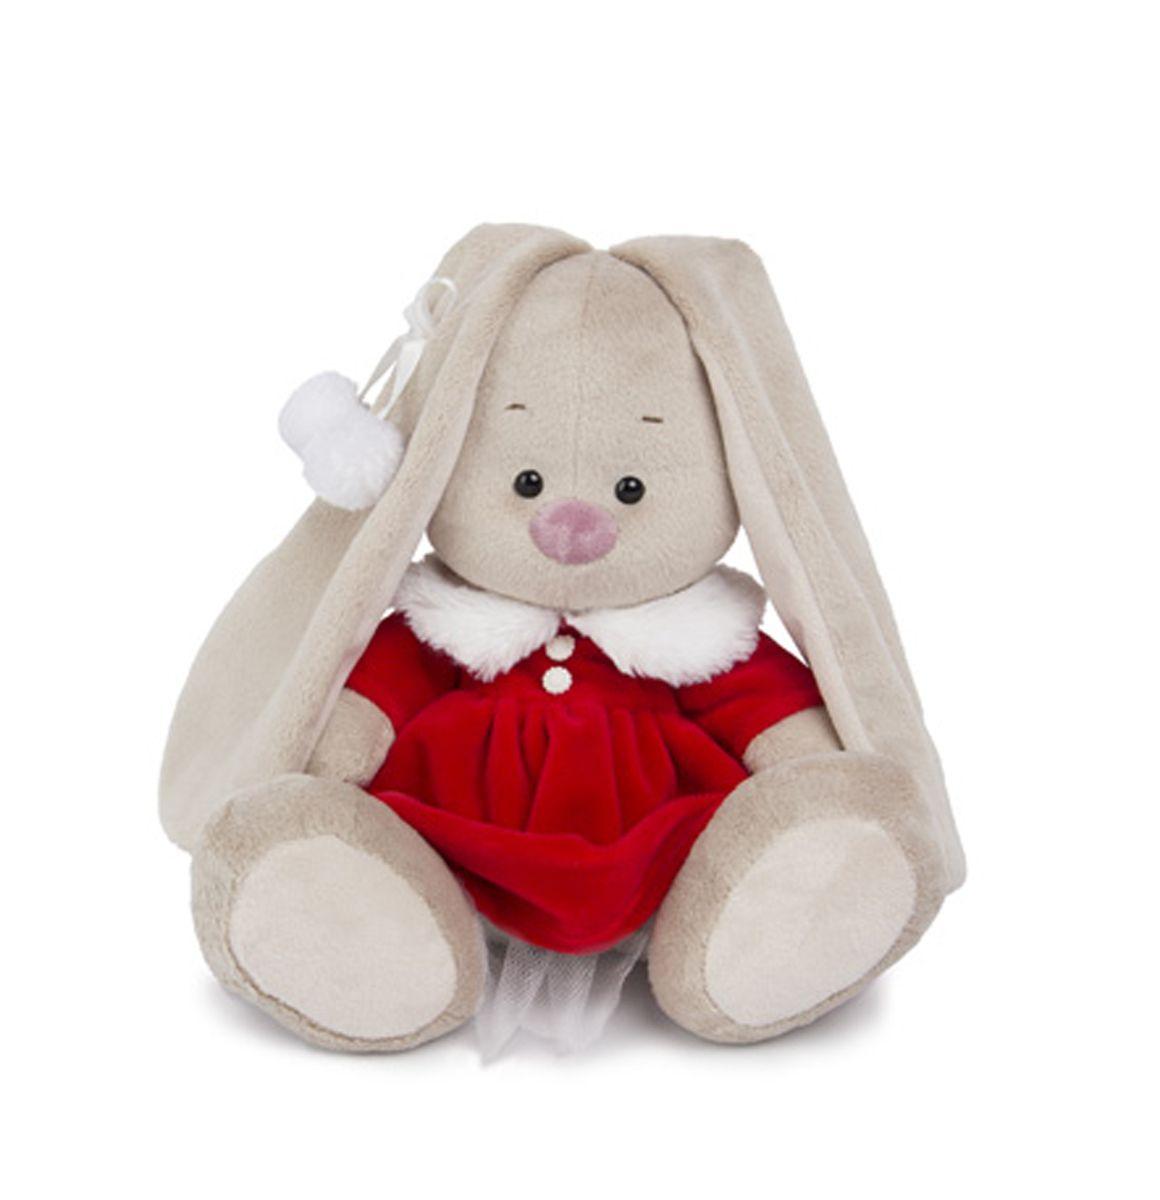 Мягкая игрушка Зайка Ми в алом платье 23 смSidM-110Новогодний образ представляет Зайка в бархатном алом платье с меховым белоснежным воротничком и двумя белыми пуговками. На ушке у Зайки белая атласная лента, завязанная в бант, с двумя меховыми помпошками.